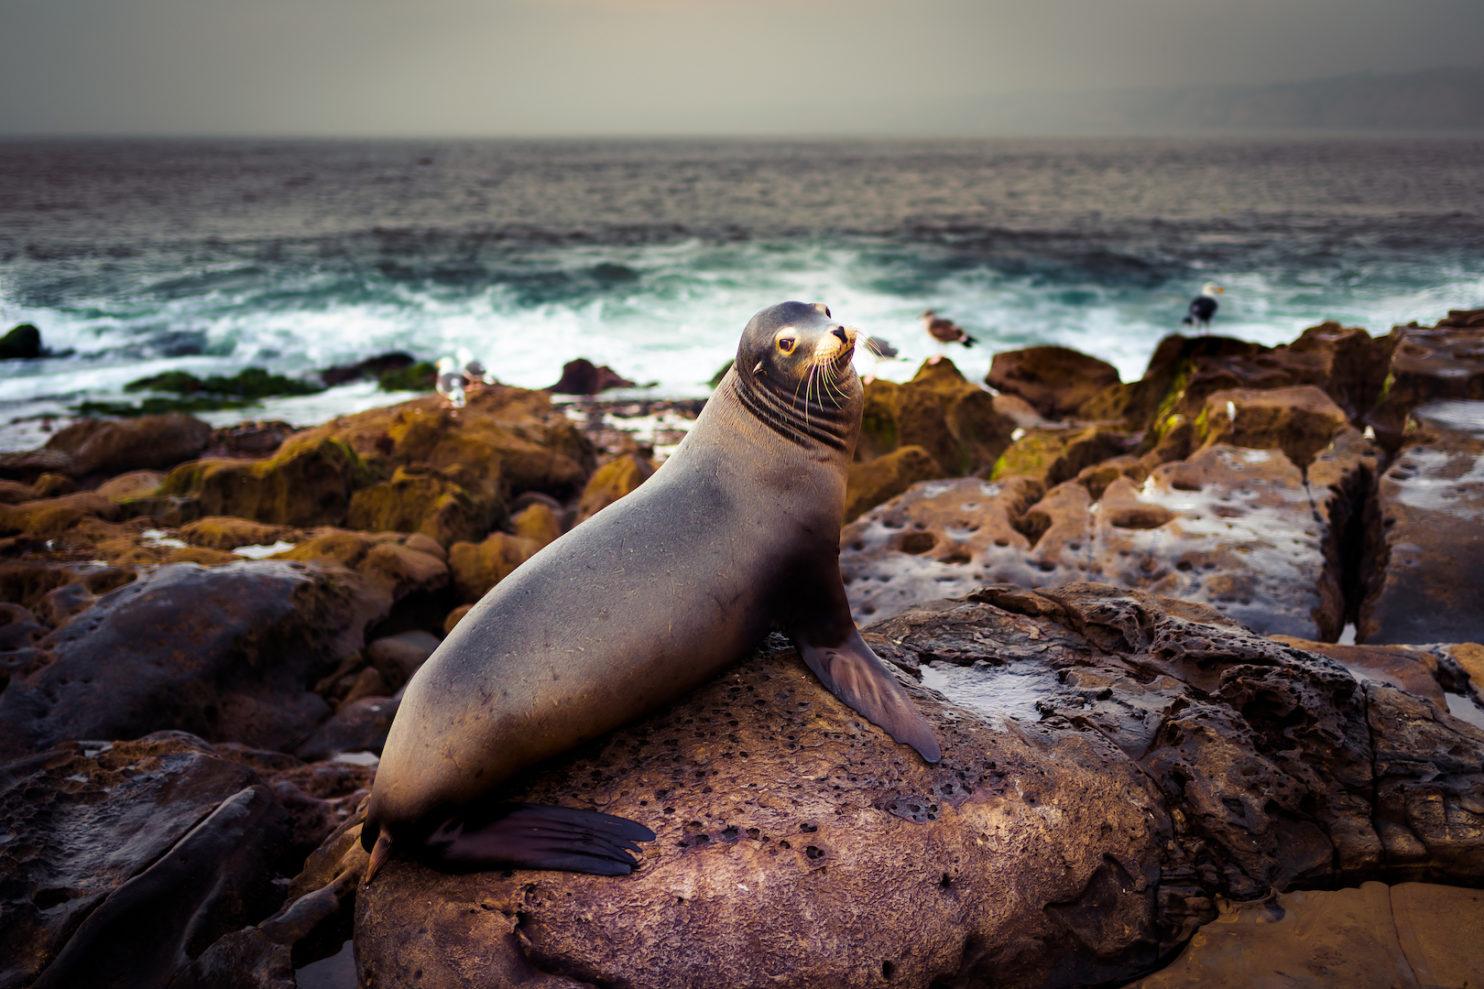 Image: La Jolla Sea Lion